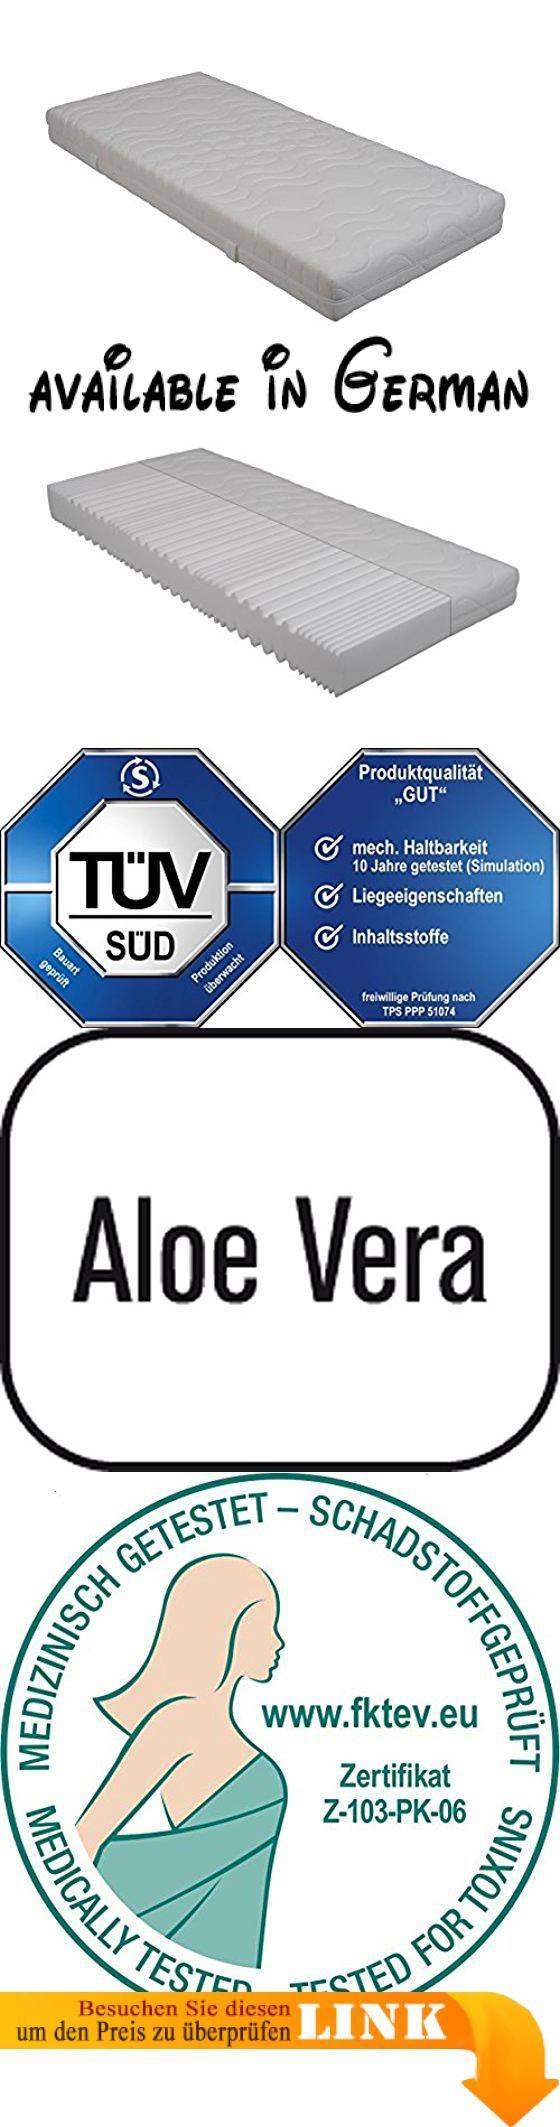 """B0171QF49W : Interbett M300373 orthopädische 9-Zonen Schaum-Matratze Double DeLuxe 140 x 200 cm H2 TÜV """"gut"""" getestet Baumwoll-Doppeltuch Höhe 20 cm 2 Personen bis 160 kg. Orthopädische 9-Zonen-Schaummatratze für höchsten Komfort. Vom TÜV Süd mit """"gut"""" bewertet (Haltbarkeit Liegeeigenschaften und Inhaltsstoffe"""" - darauf können Sie sich verlassen. Der spezielle 9-Zonen-Kernschnitt mit Schulter- und Beckenkomfortzone ermöglicht ein perfektes Einsinken des Körpers"""